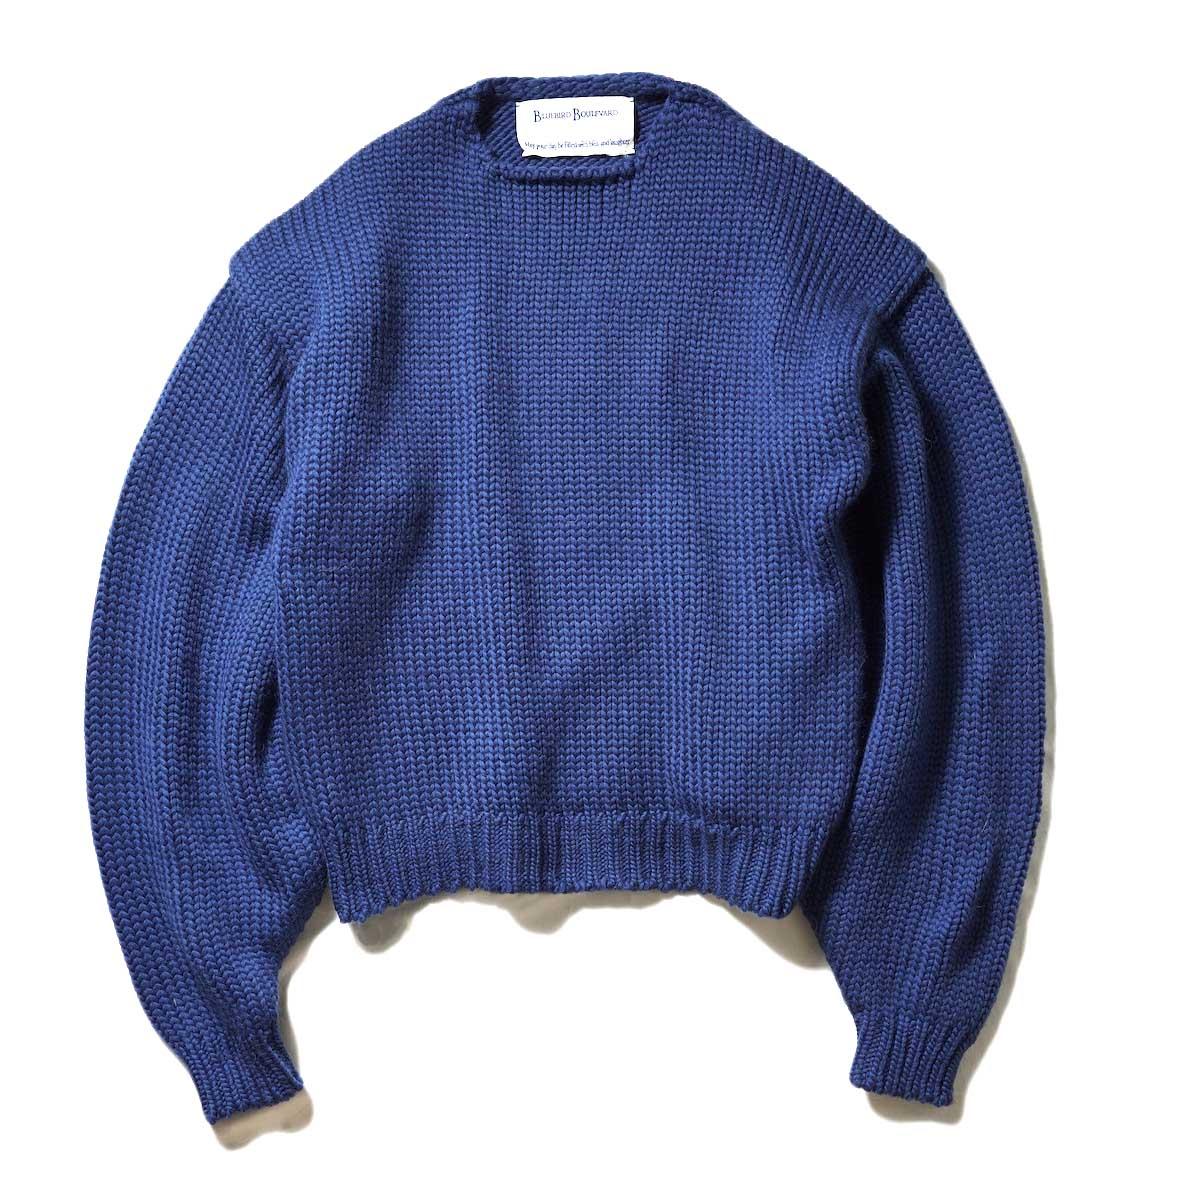 BLUEBIRD BOULEVARD / ウールローバークルーネックセーター (D.Blue)